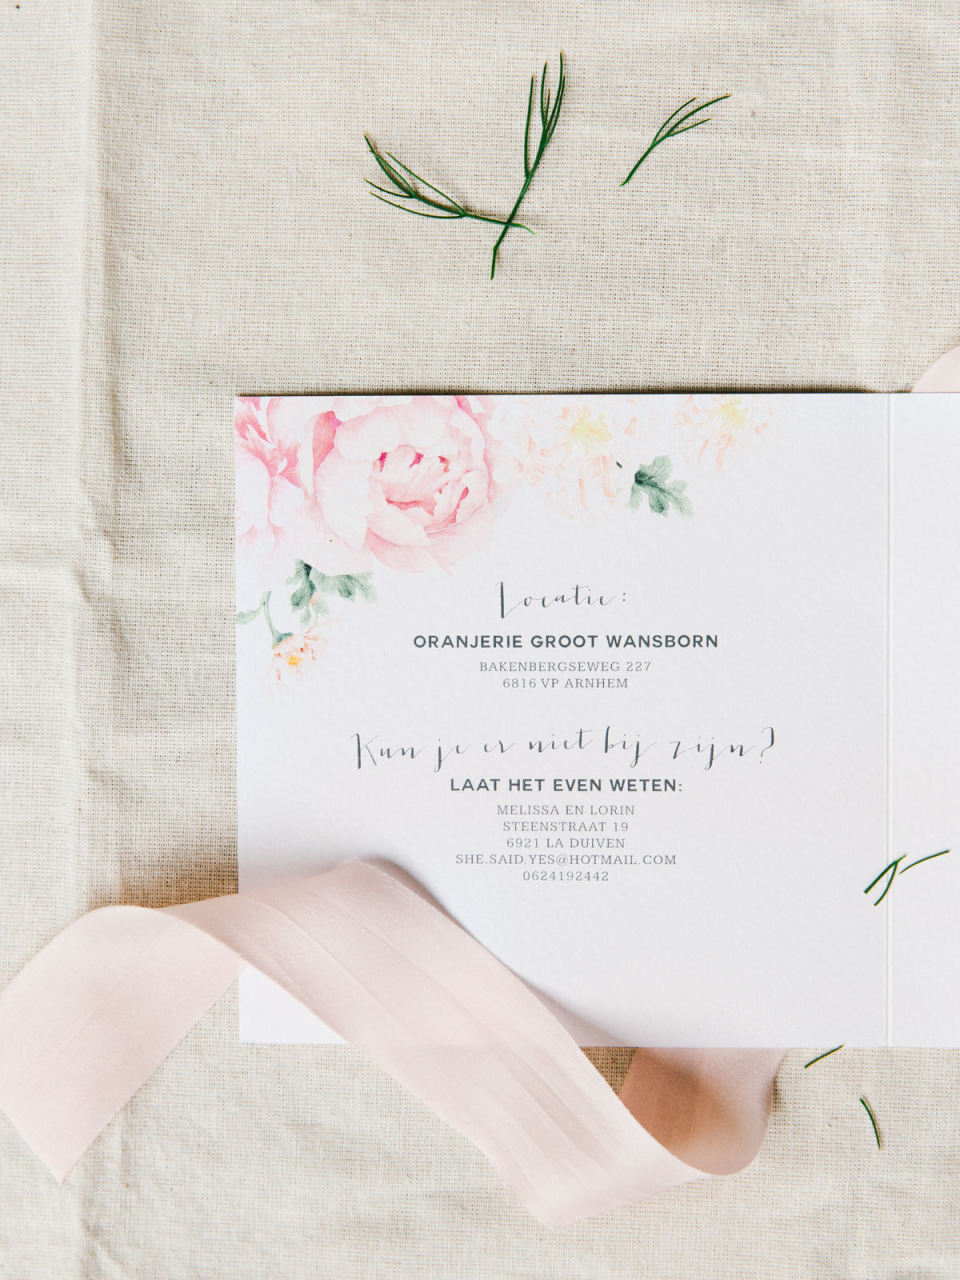 Fabulous Tekst voor de trouwkaart - Voorbeeld teksten   ThePerfectWedding.nl #RS85